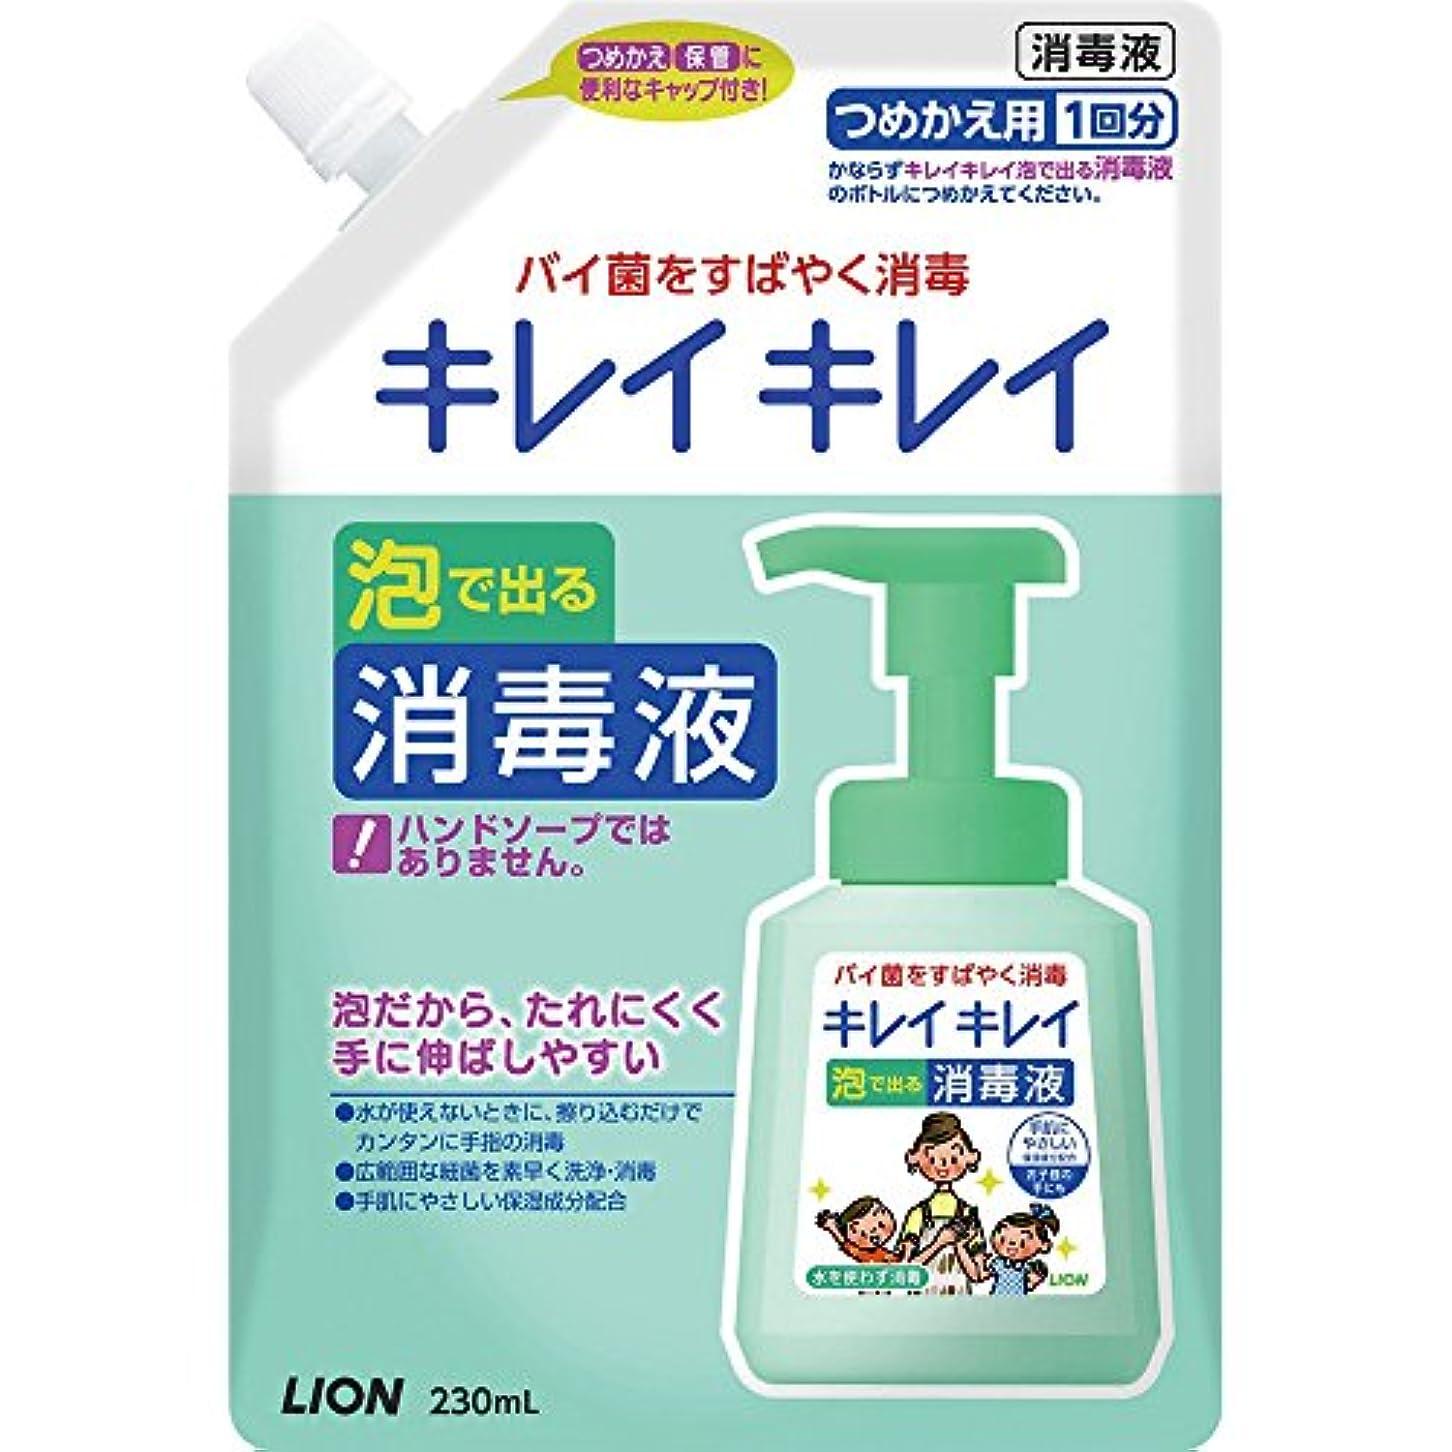 吸収剤ペン参照キレイキレイ 薬 泡ででる消毒液 詰替 230ml (指定医薬部外品)